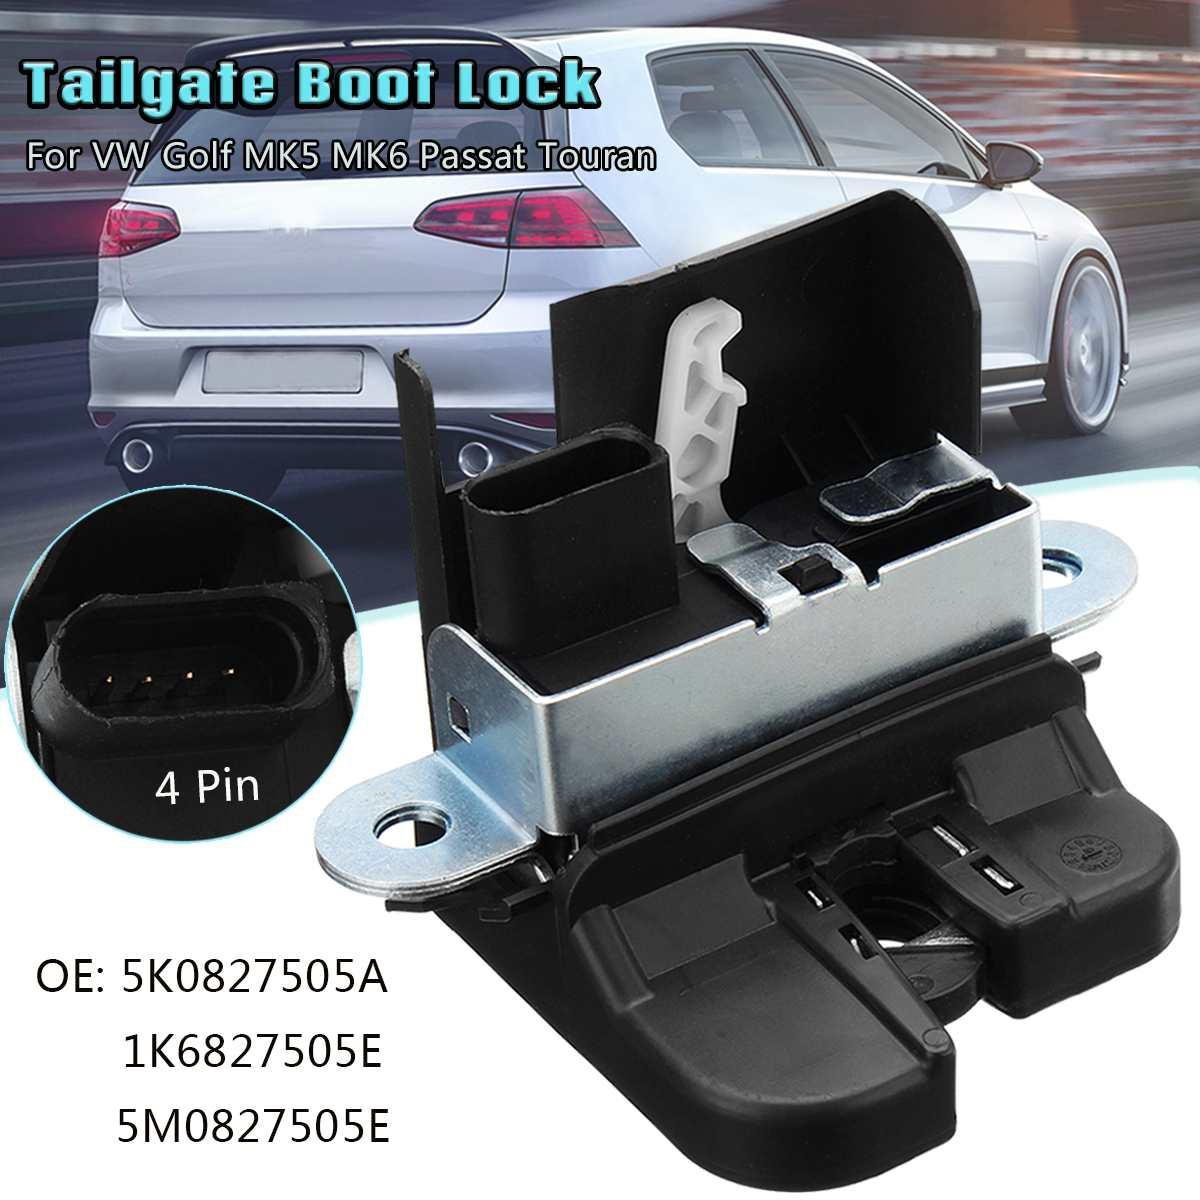 5K0827505A 1K6827505E 5M0827505E Portellone Boot Blocco Per VW Golf MK5 MK6 Passat Touran POSTERIORE TRONCO di BLOCCO COPERCHIO SERRATURA FERMO5K0827505A 1K6827505E 5M0827505E Portellone Boot Blocco Per VW Golf MK5 MK6 Passat Touran POSTERIORE TRONCO di BLOCCO COPERCHIO SERRATURA FERMO